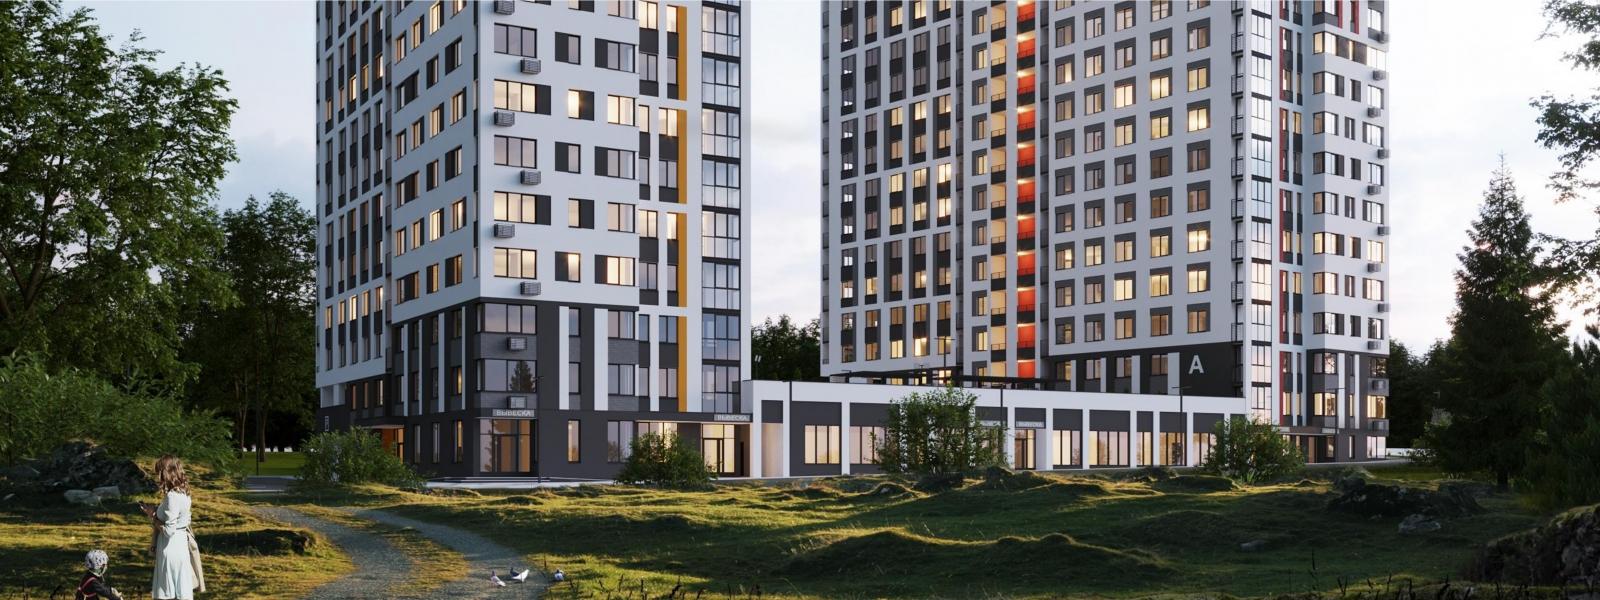 work-Многоэтажный жилой дом «Оазис» в Ижевске